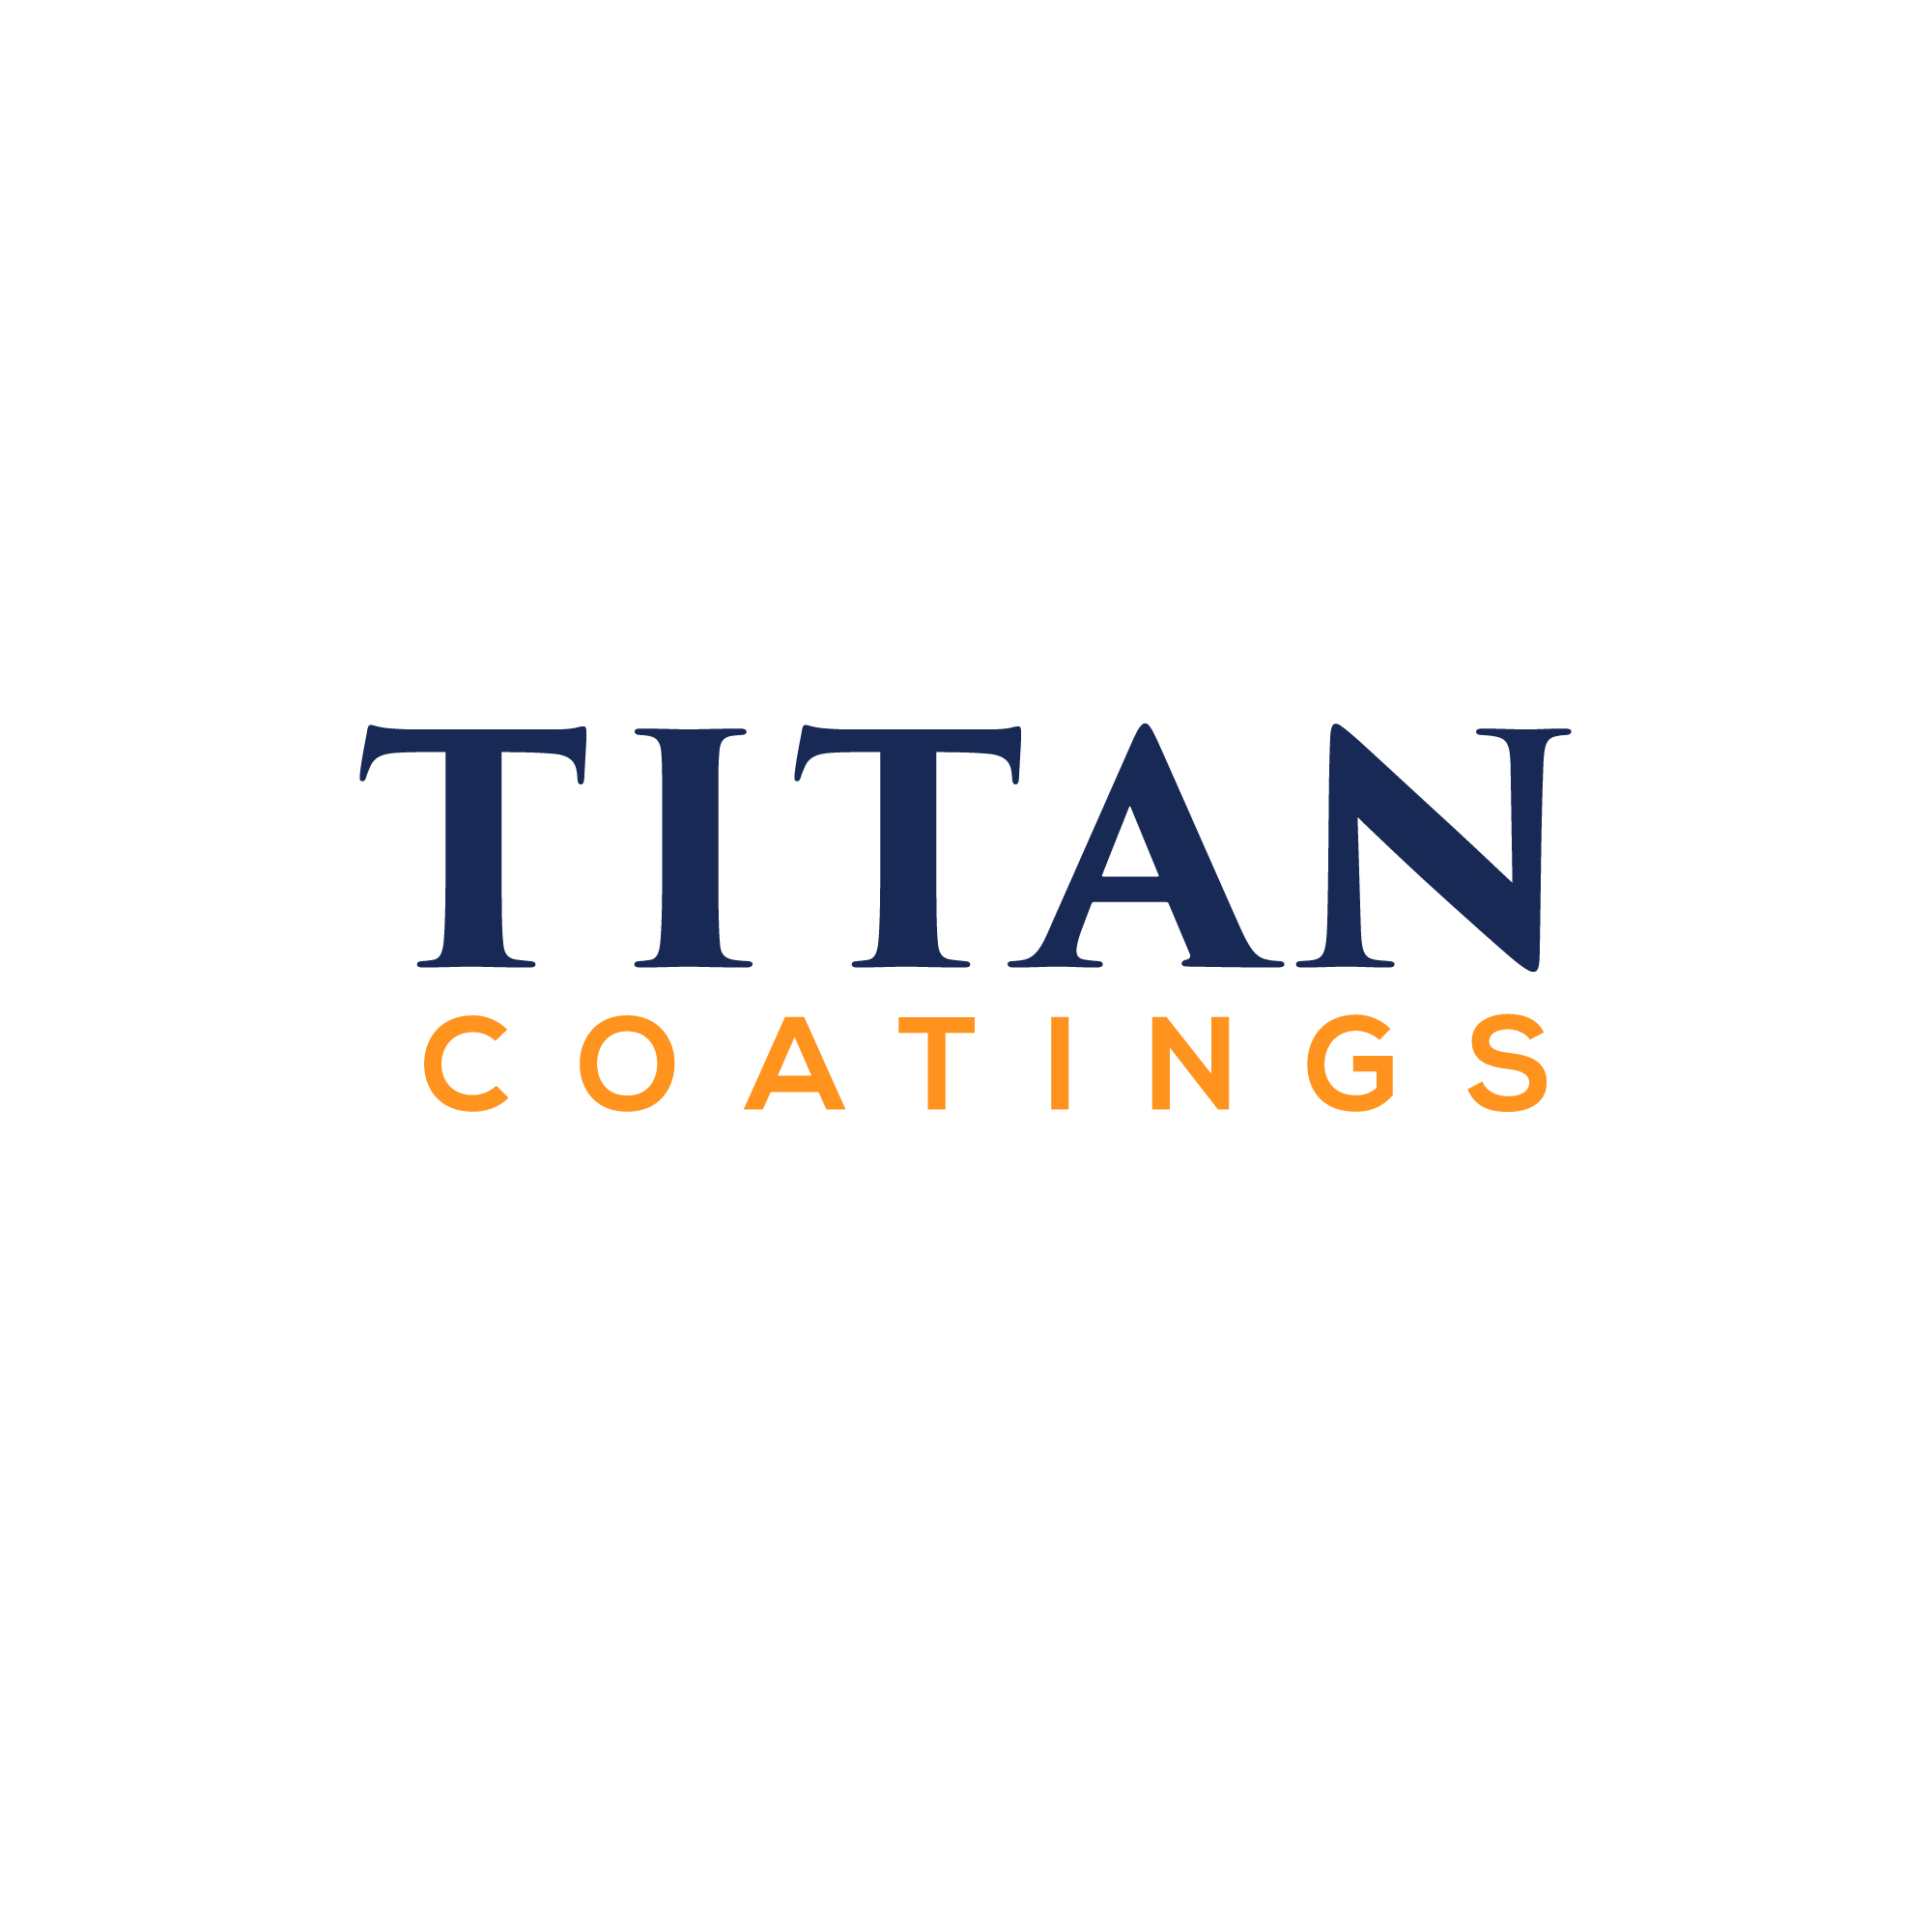 TITAN COATINGS上陸。